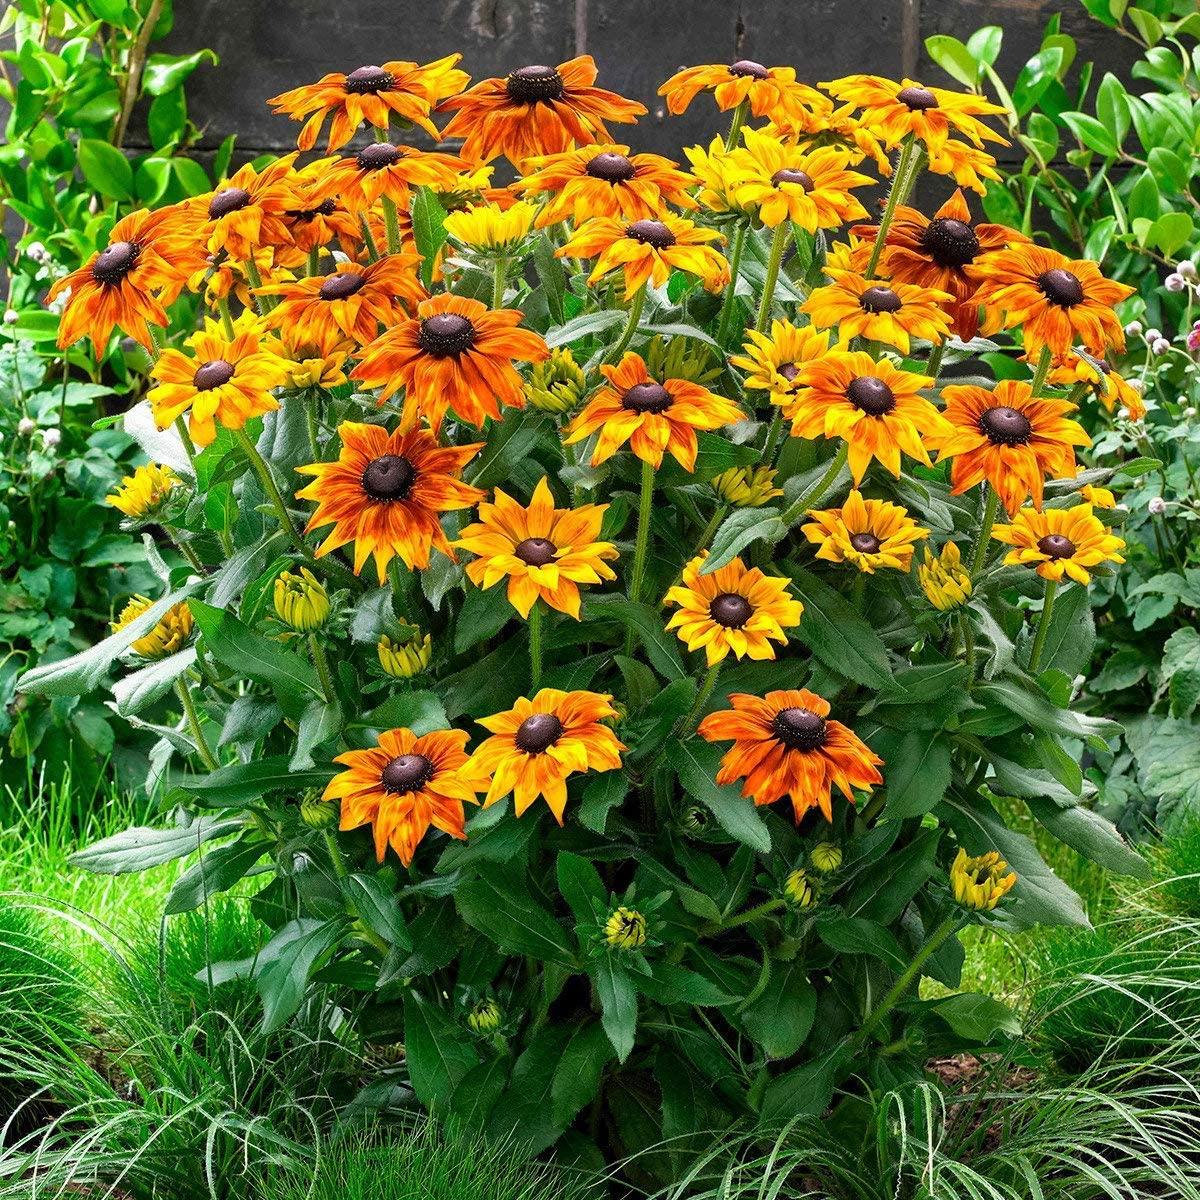 Garden Rare 50pcs Rudbeckia hirta Cappuccino Gloriosa Daisy Seeds Easy to Grow, Exotic Flower Seeds Hardy Perennial Garden